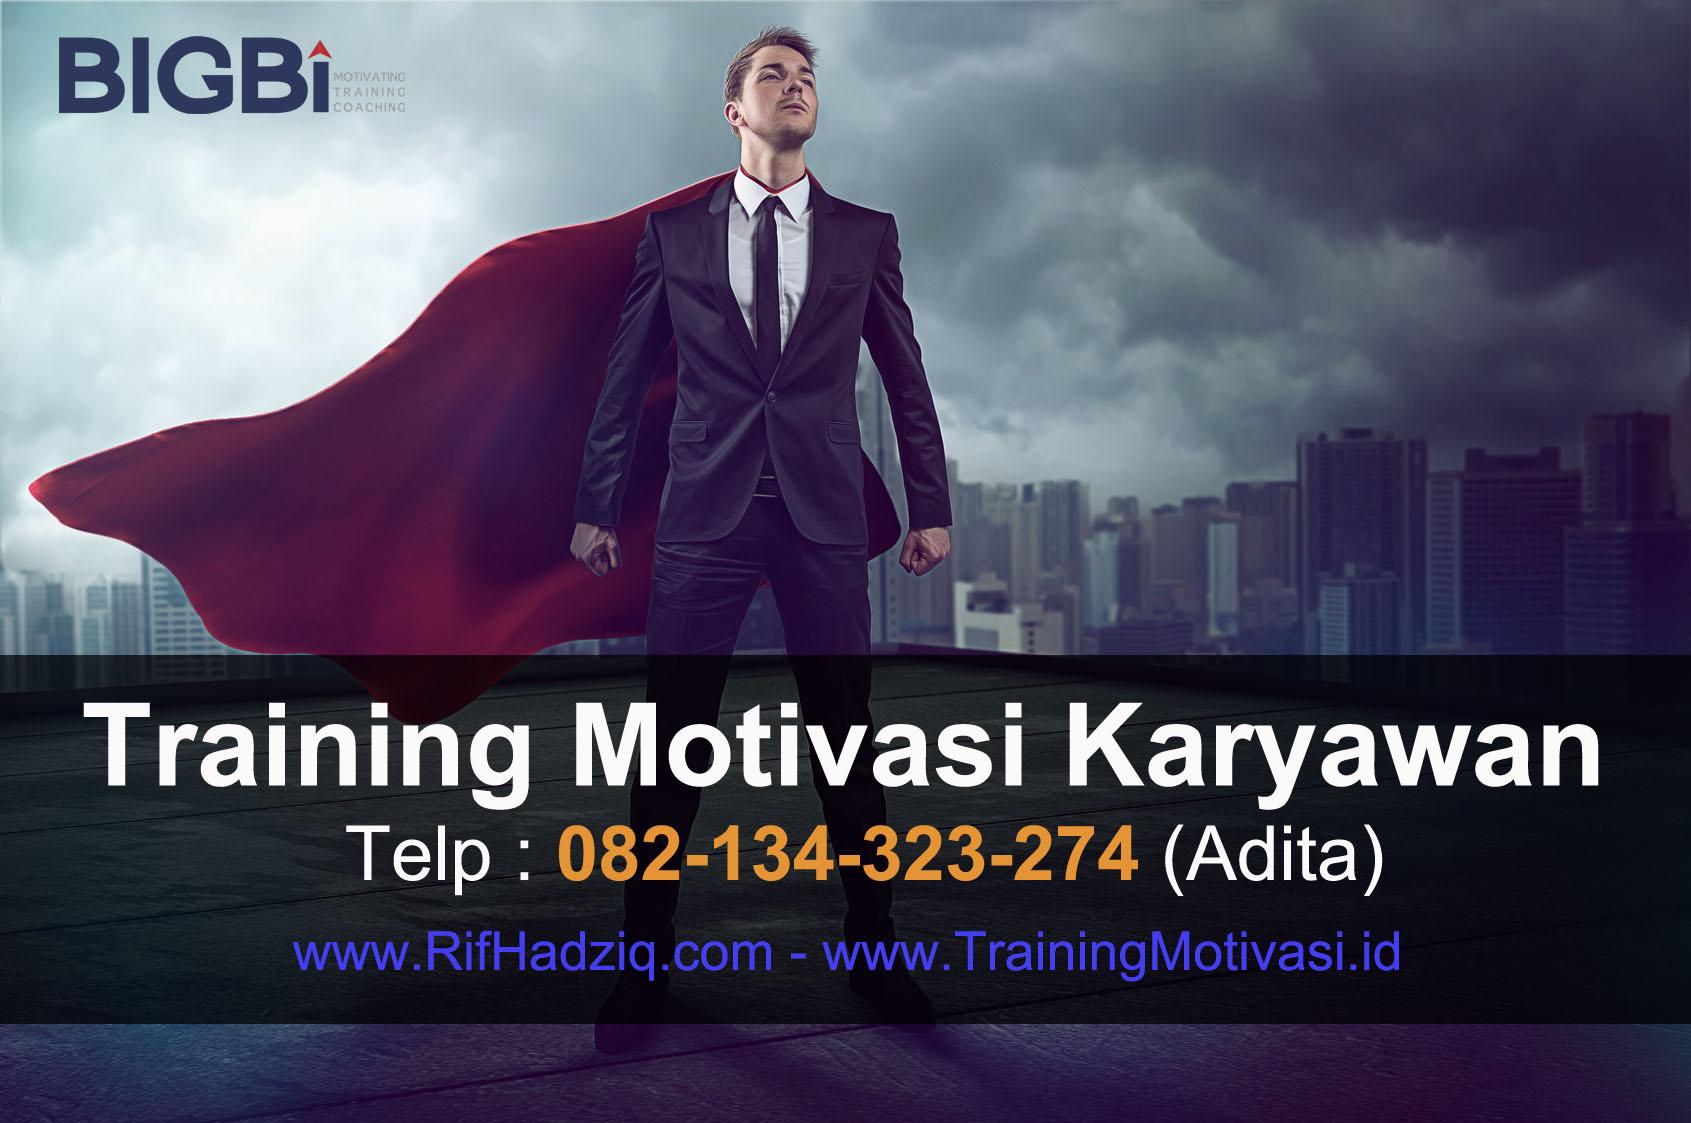 motivator indonesia, motivator perusahaan, rif hadziq, james, bigbi, motivasi